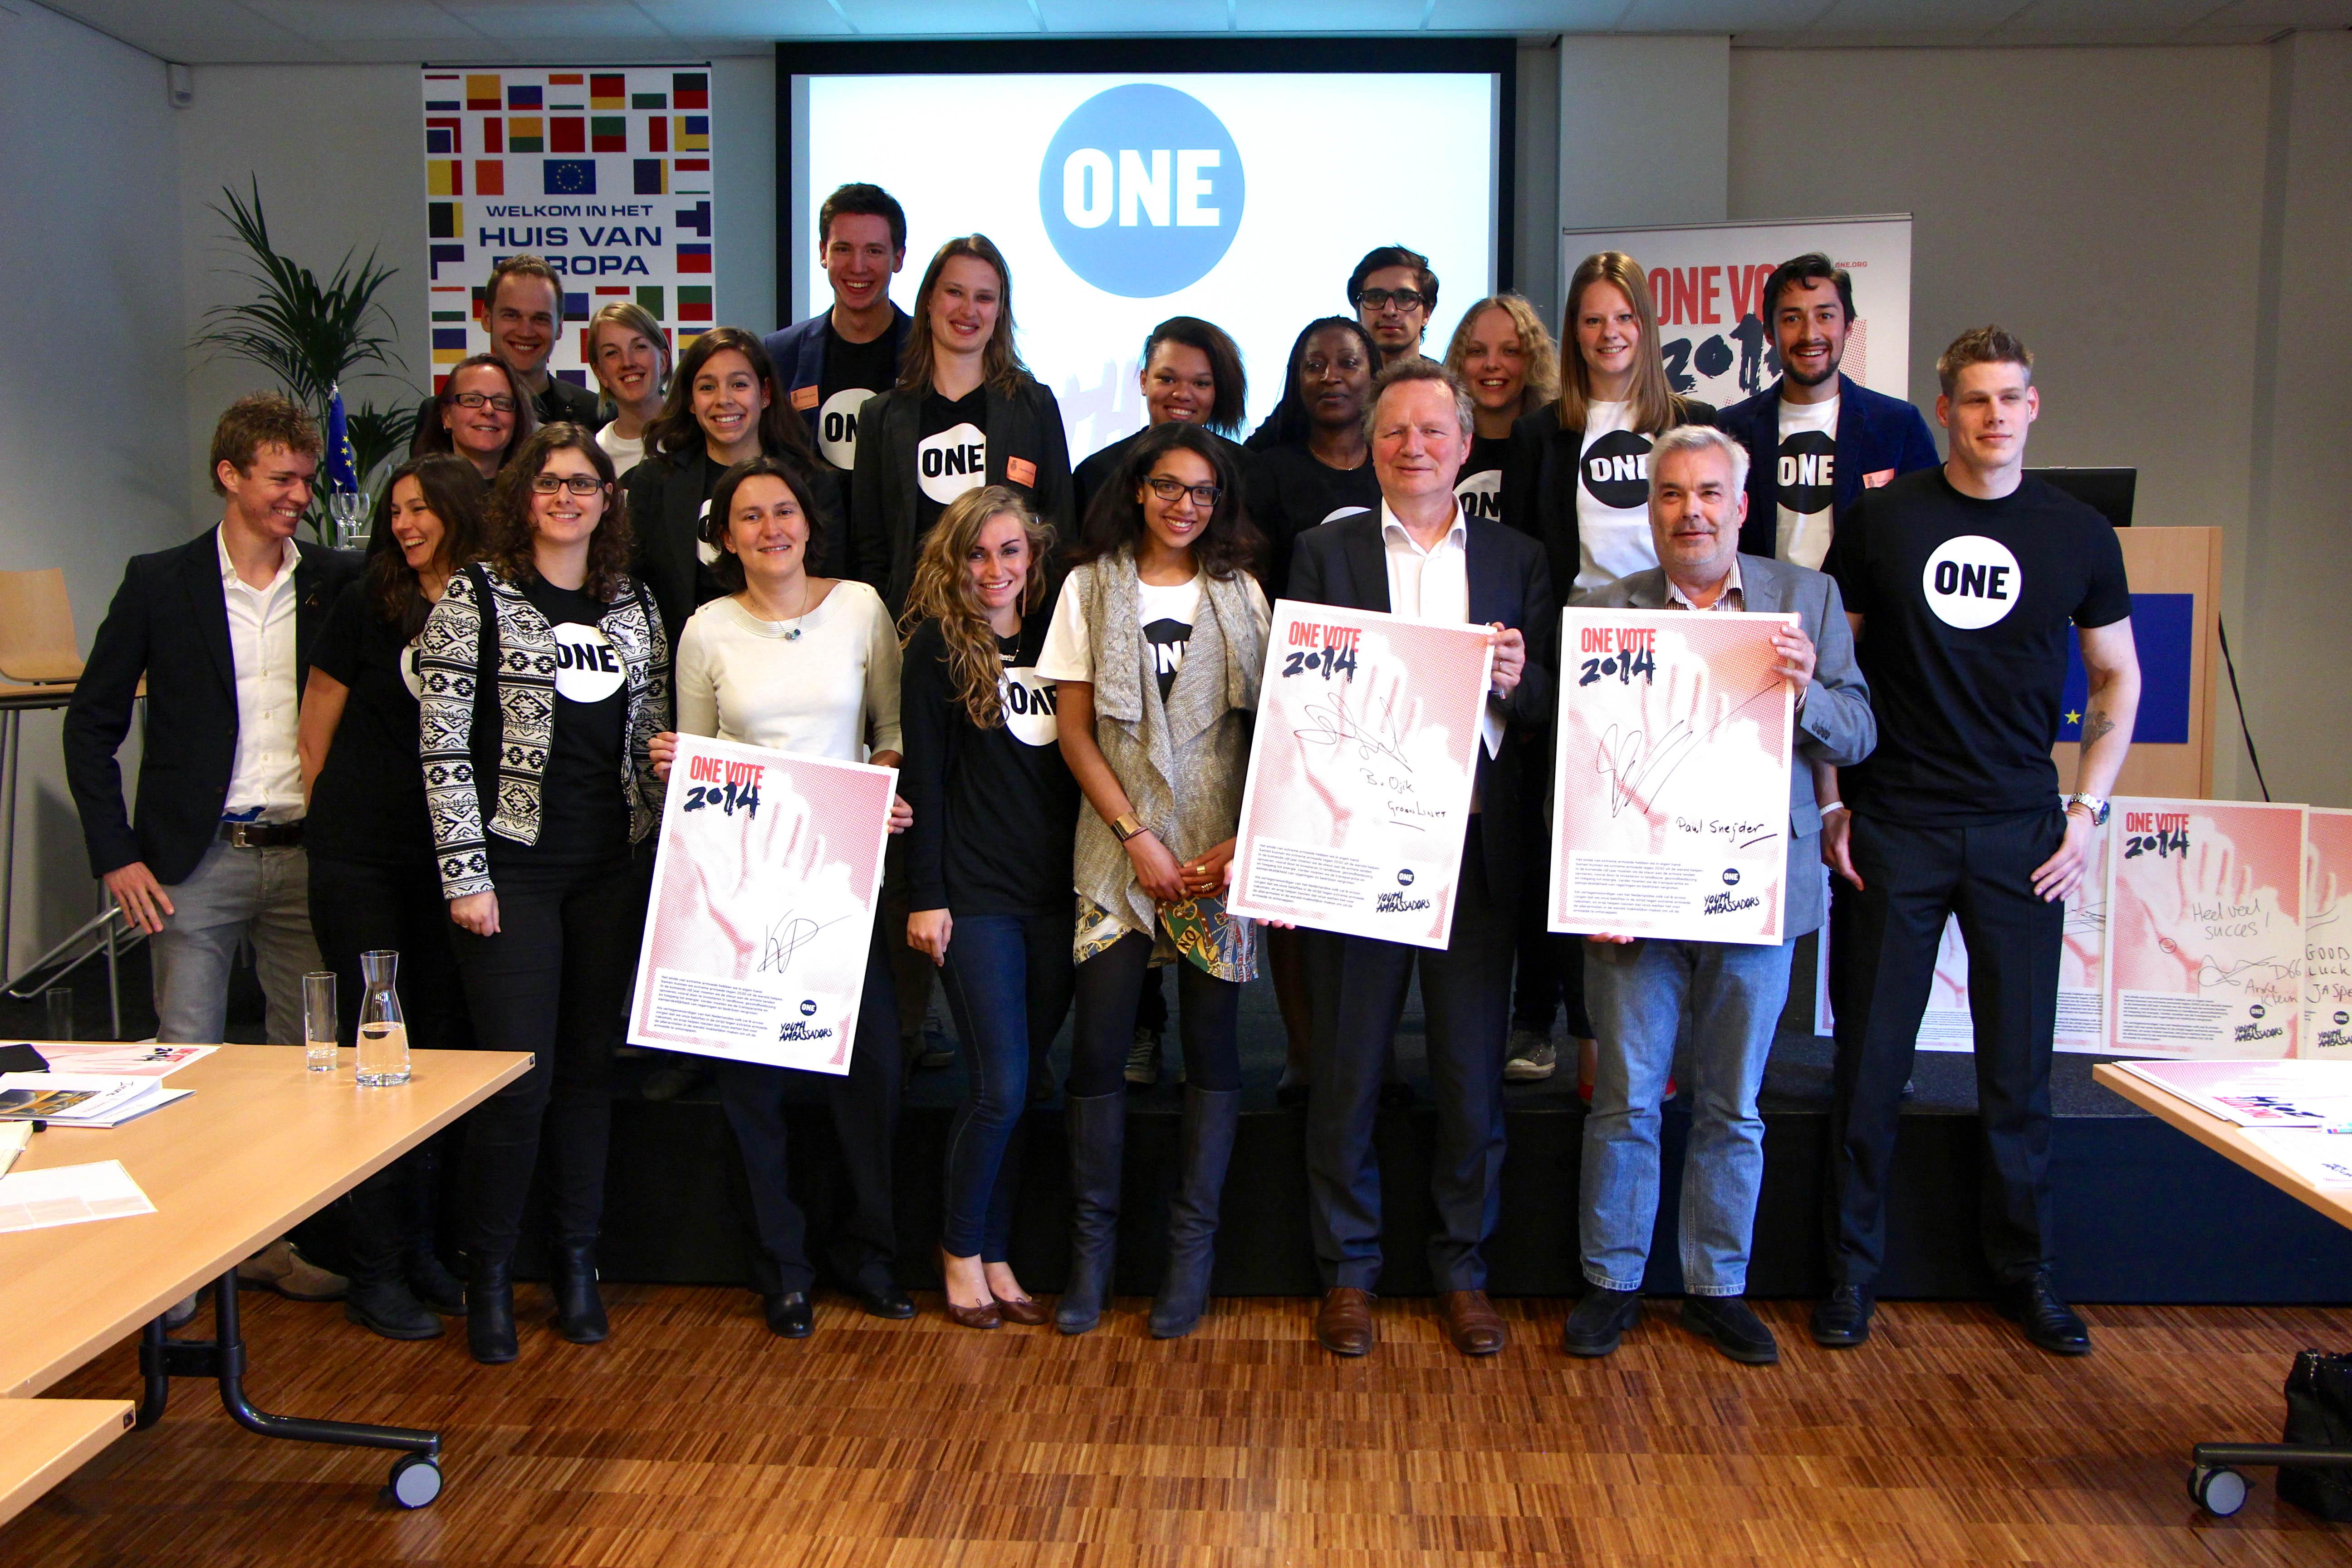 Nederlandse politici tekenen de ONE VOTE 2014 intentieverklaring